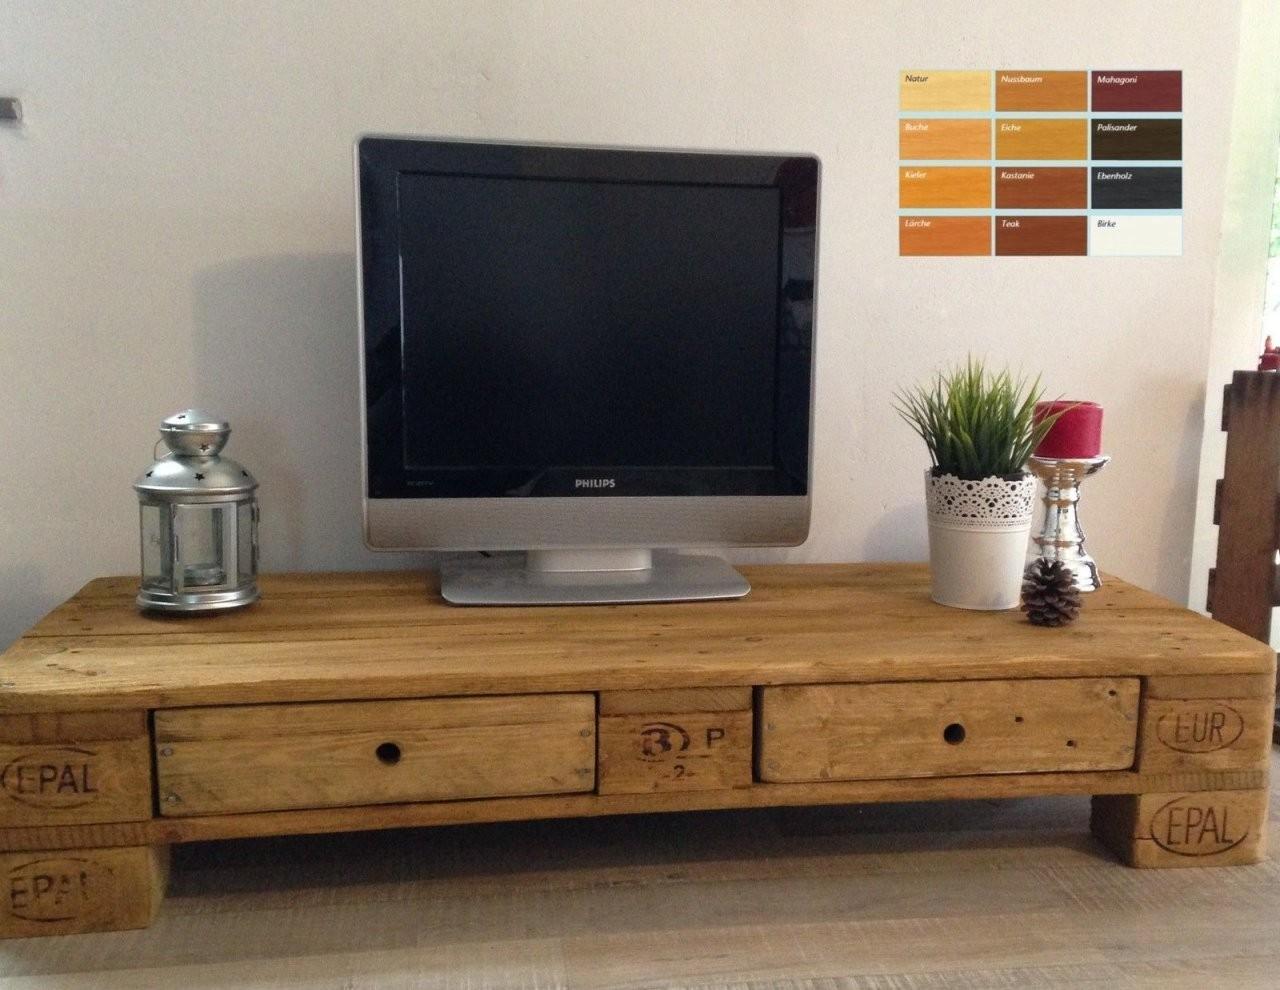 Palettenmöbel Europalette Tv Lowboard Tv Schrank Mit 2 Schubladen von Tv Möbel Selber Bauen Bild